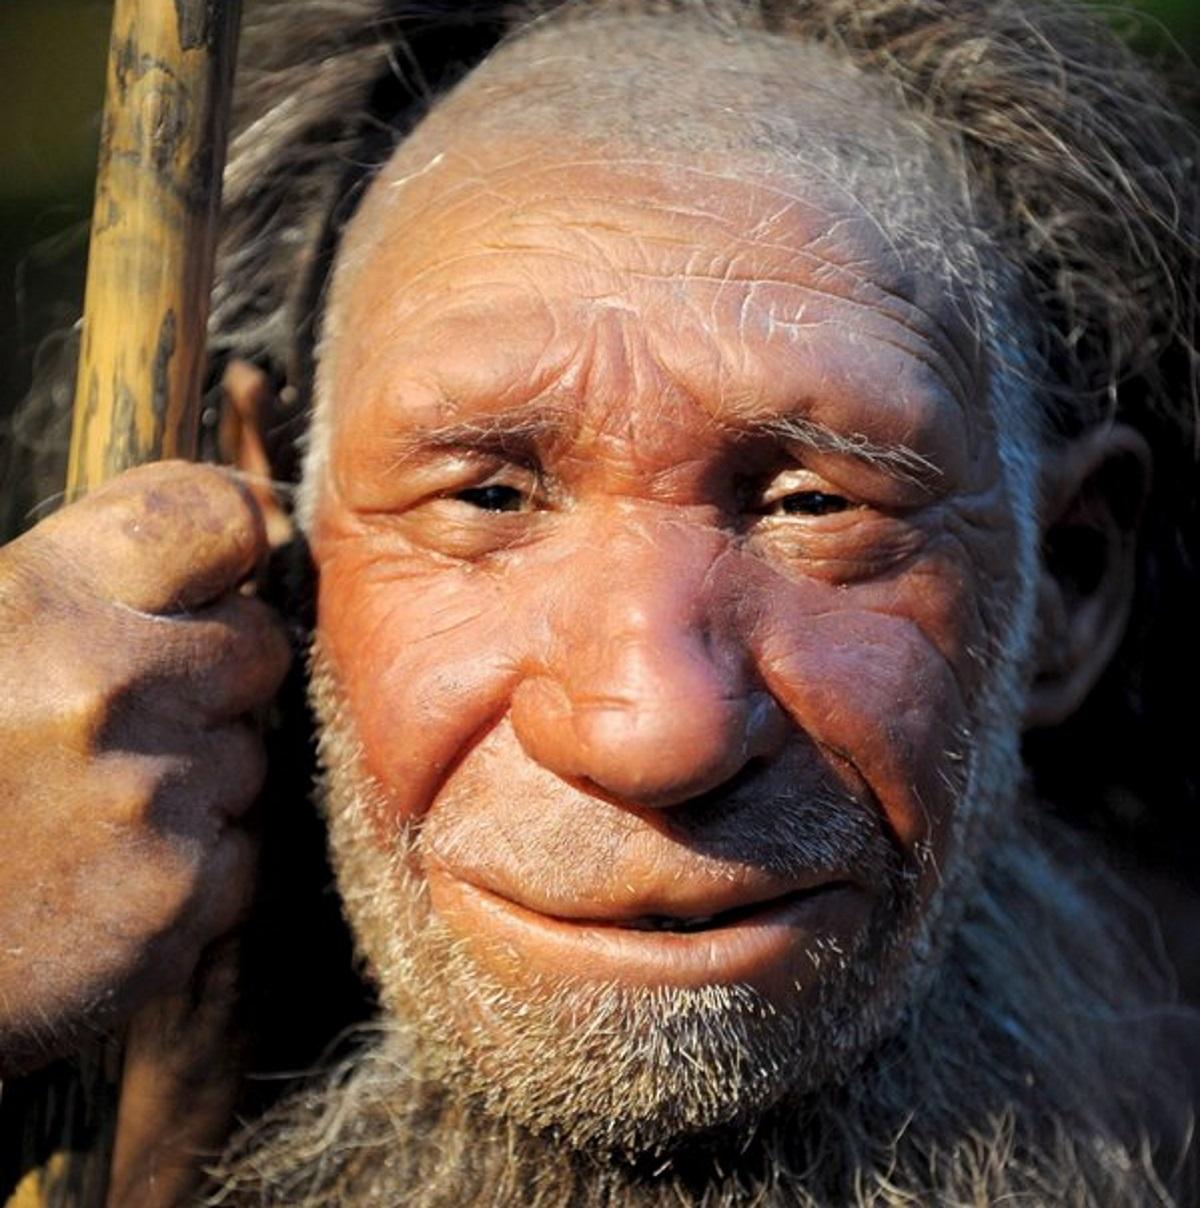 Μια μετάλλαξη στο DNA άφησε τους ανθρώπους χωρίς ουρές